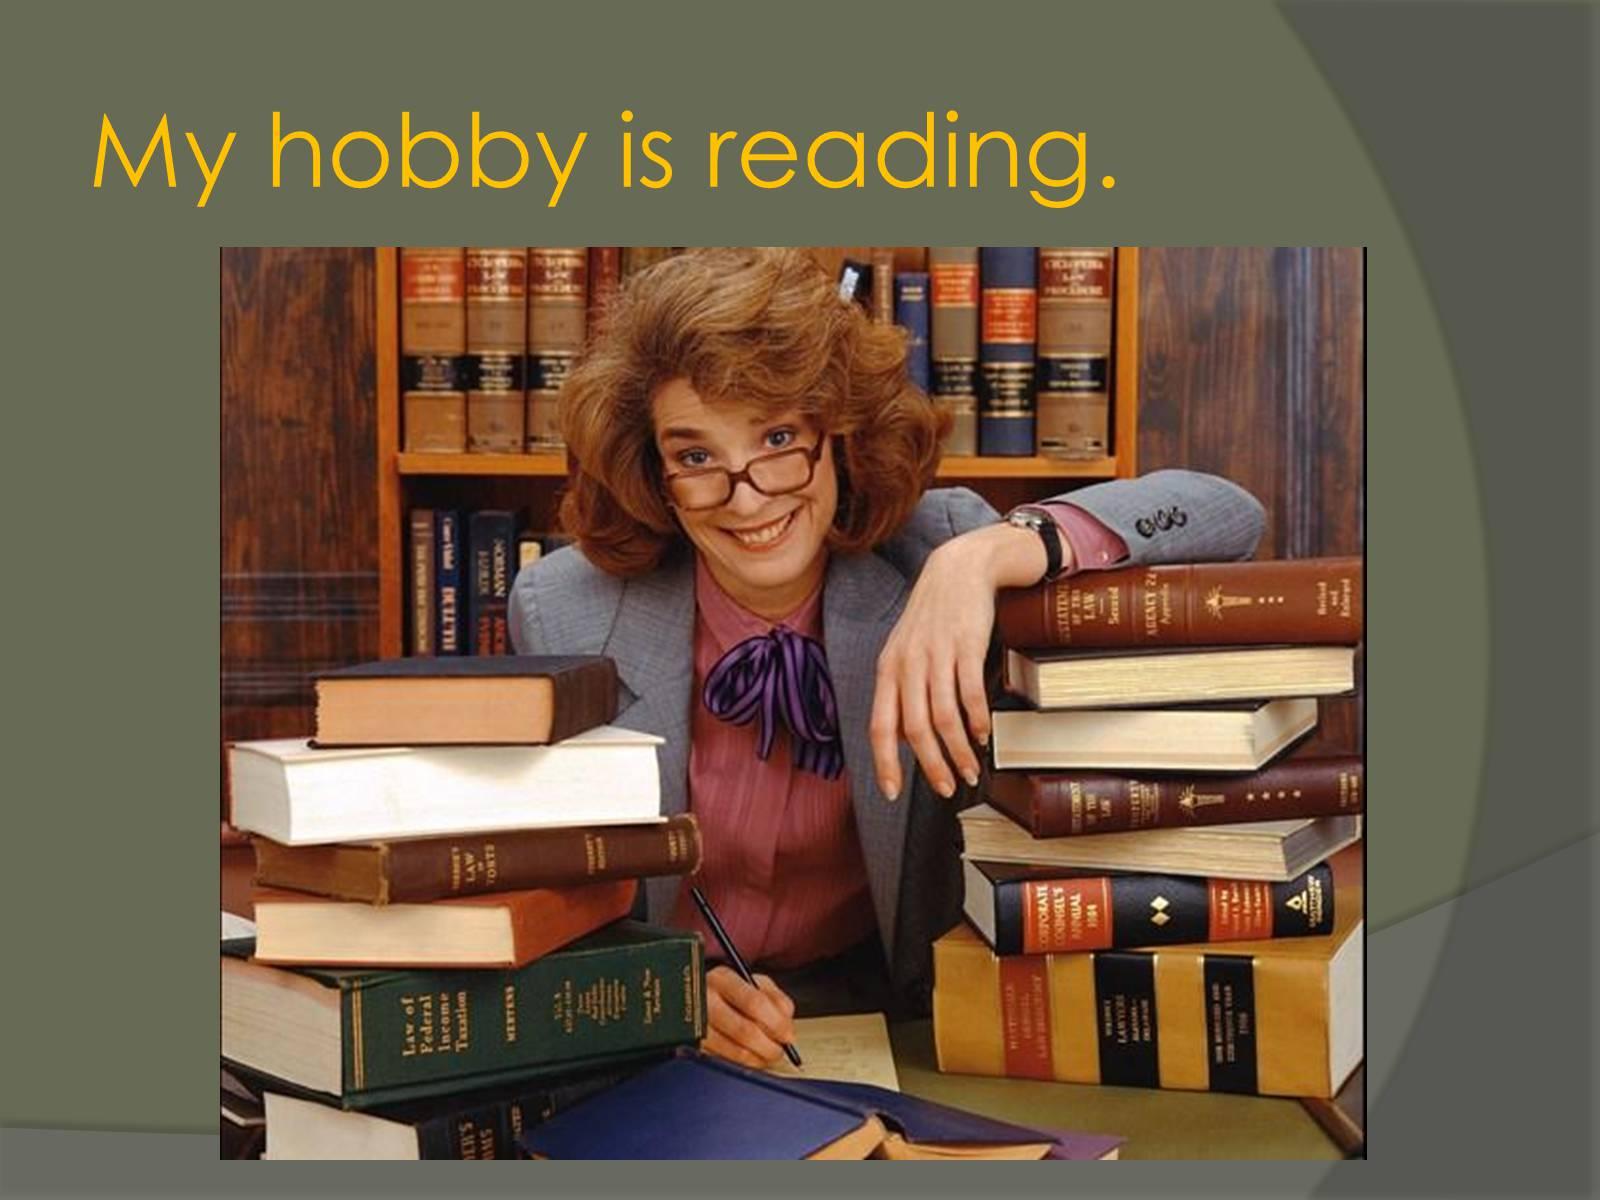 reading as hobby essays